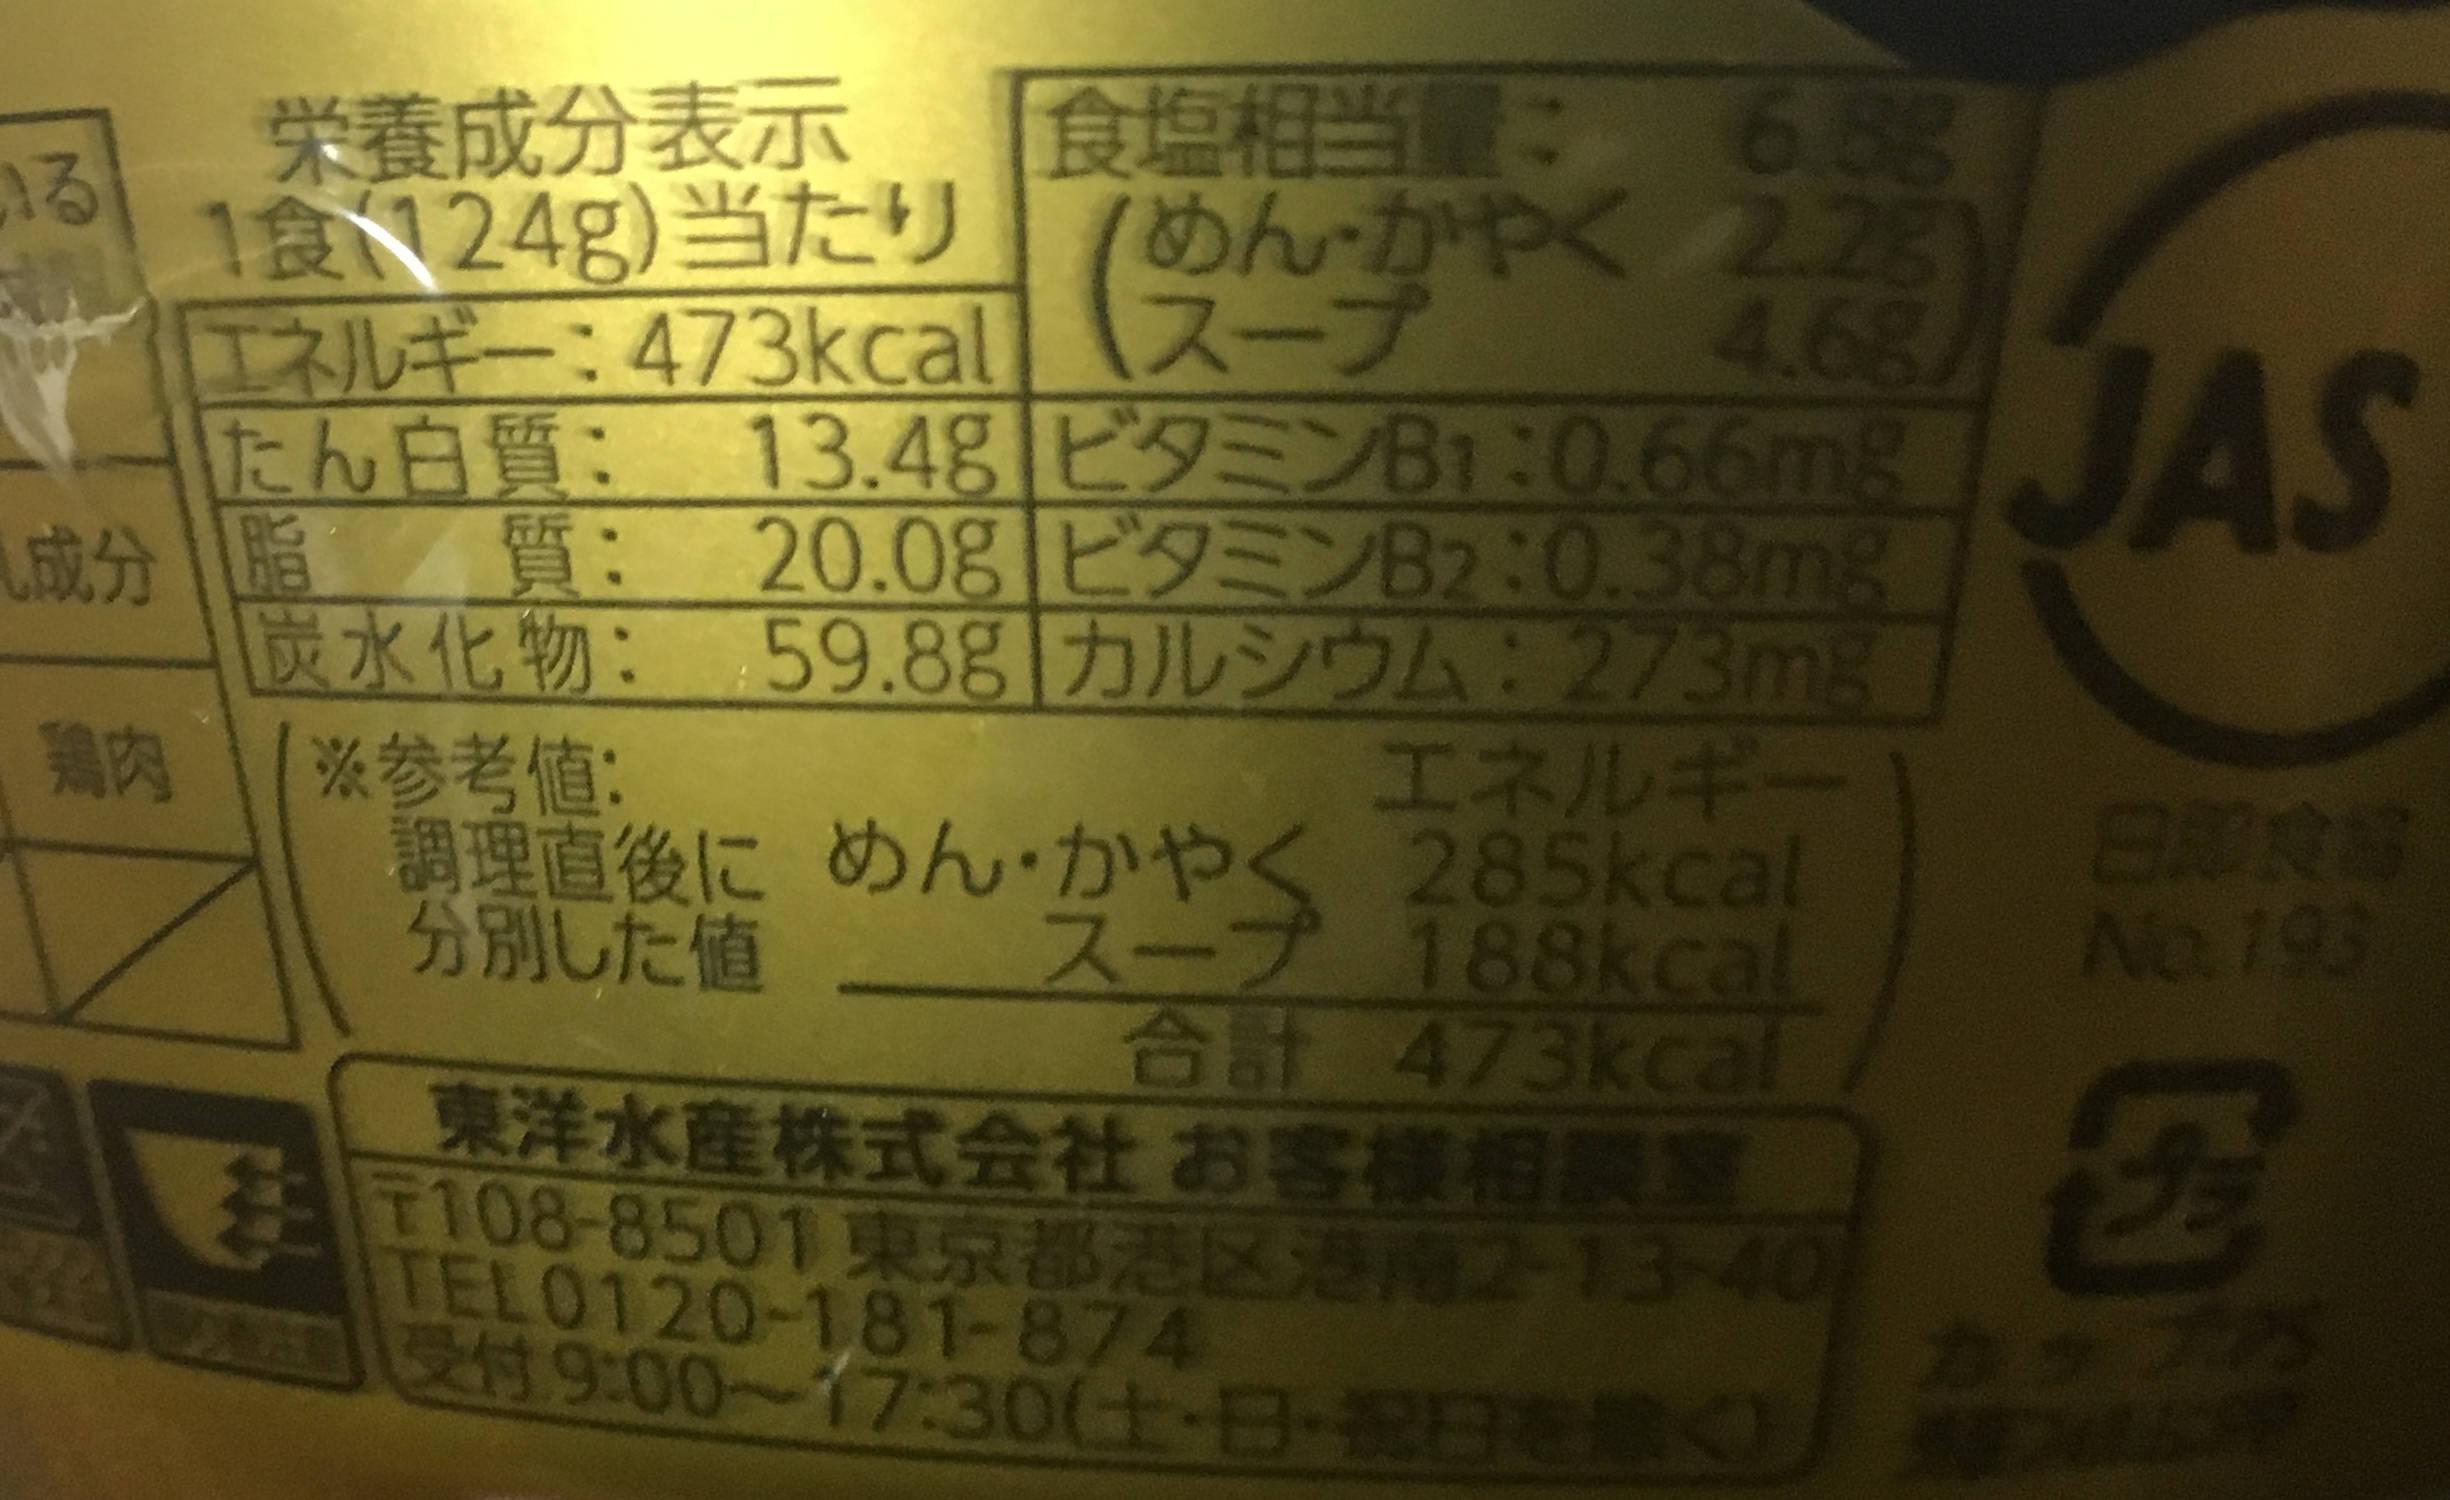 栄養成分表示:東洋水産 マルちゃん正麺 カップ うま辛辛辛担担麺 STRONG